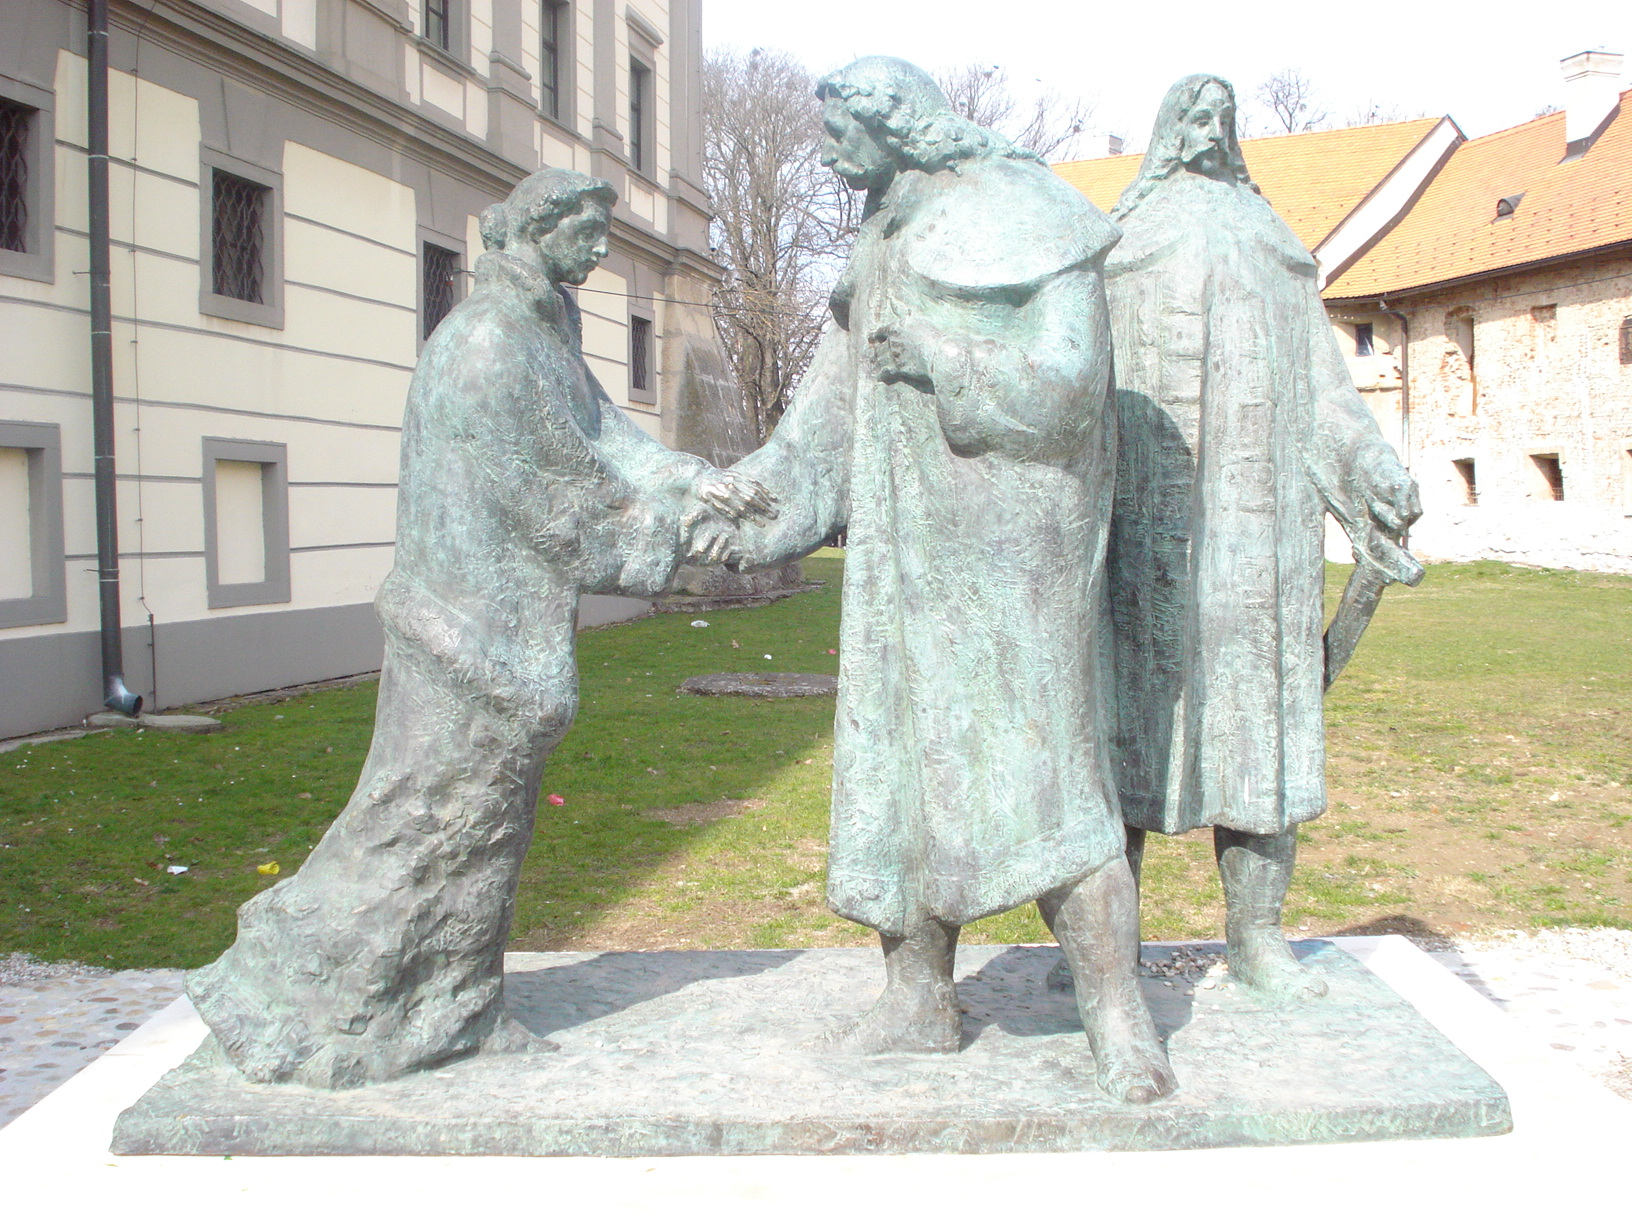 """Spomenik Zrinskima u Čakovcu pod nazivom """"Oproštaj"""" prikazuje odlazak Petra Zrinskog i Frana Krste Frankopana 1670. godine u Beč"""